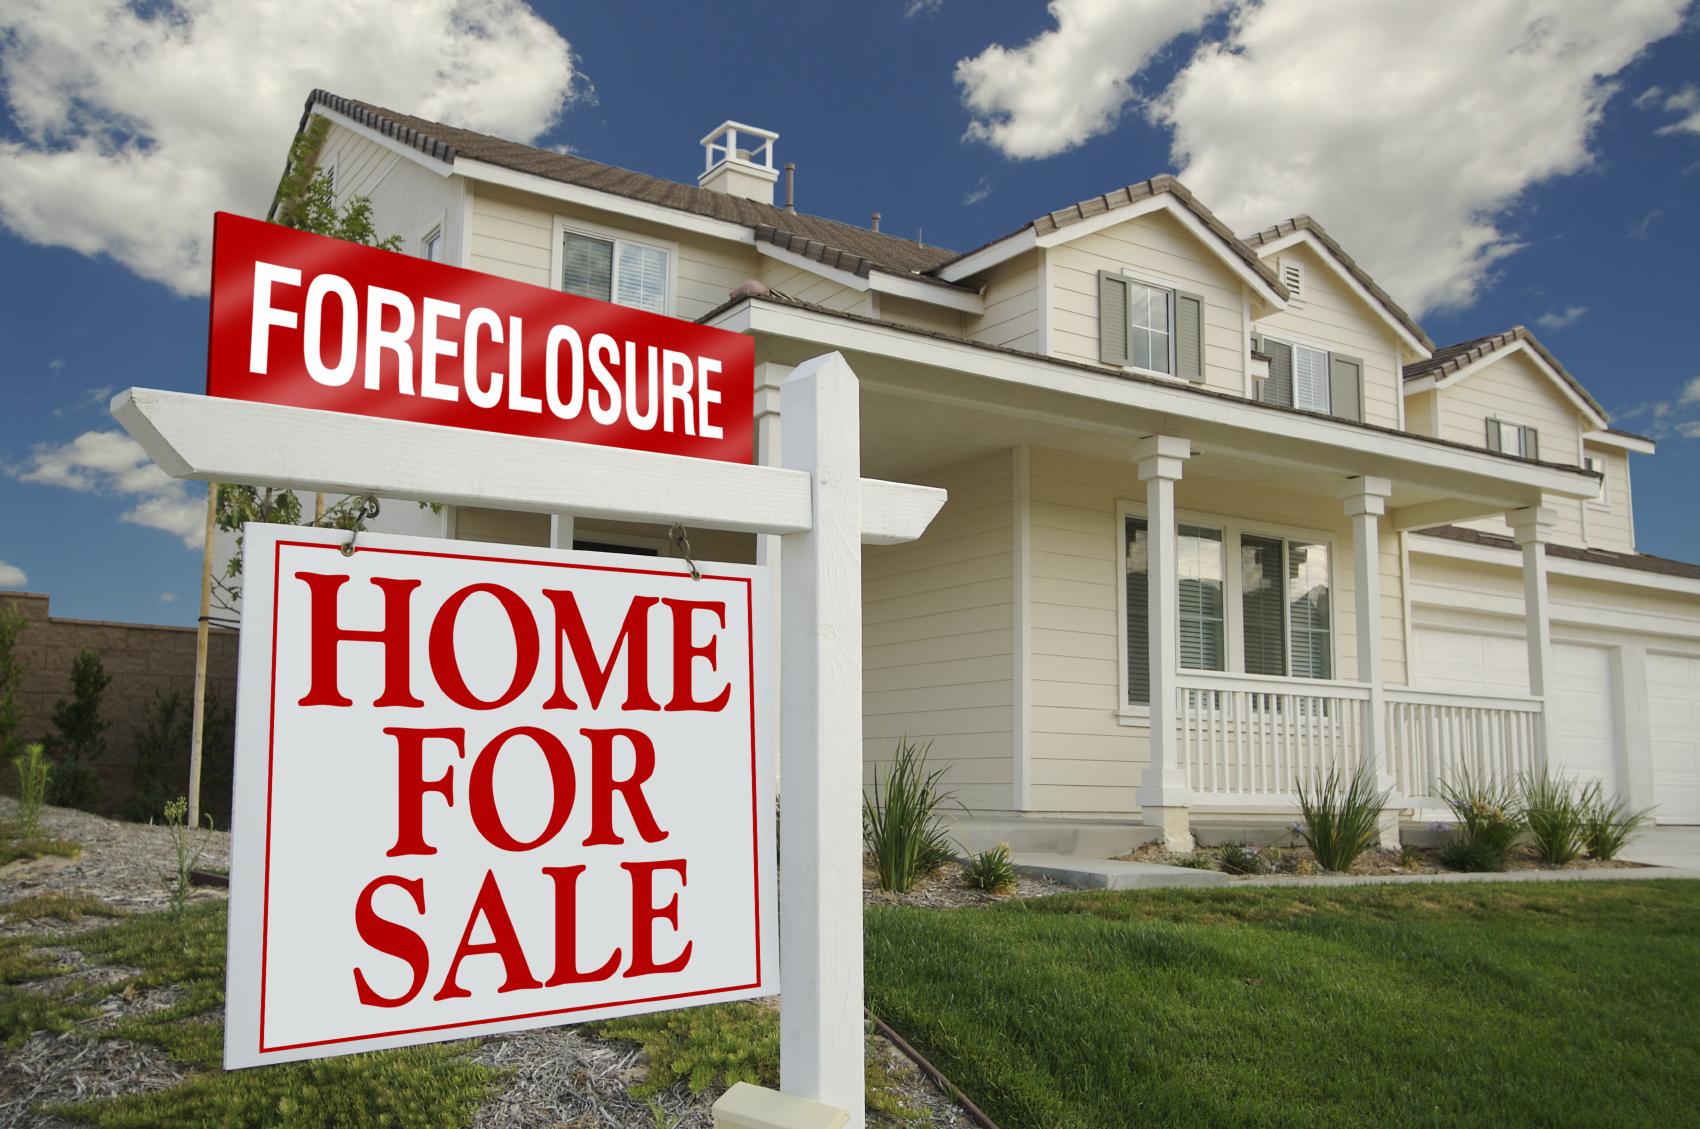 Risk_Housing image 3